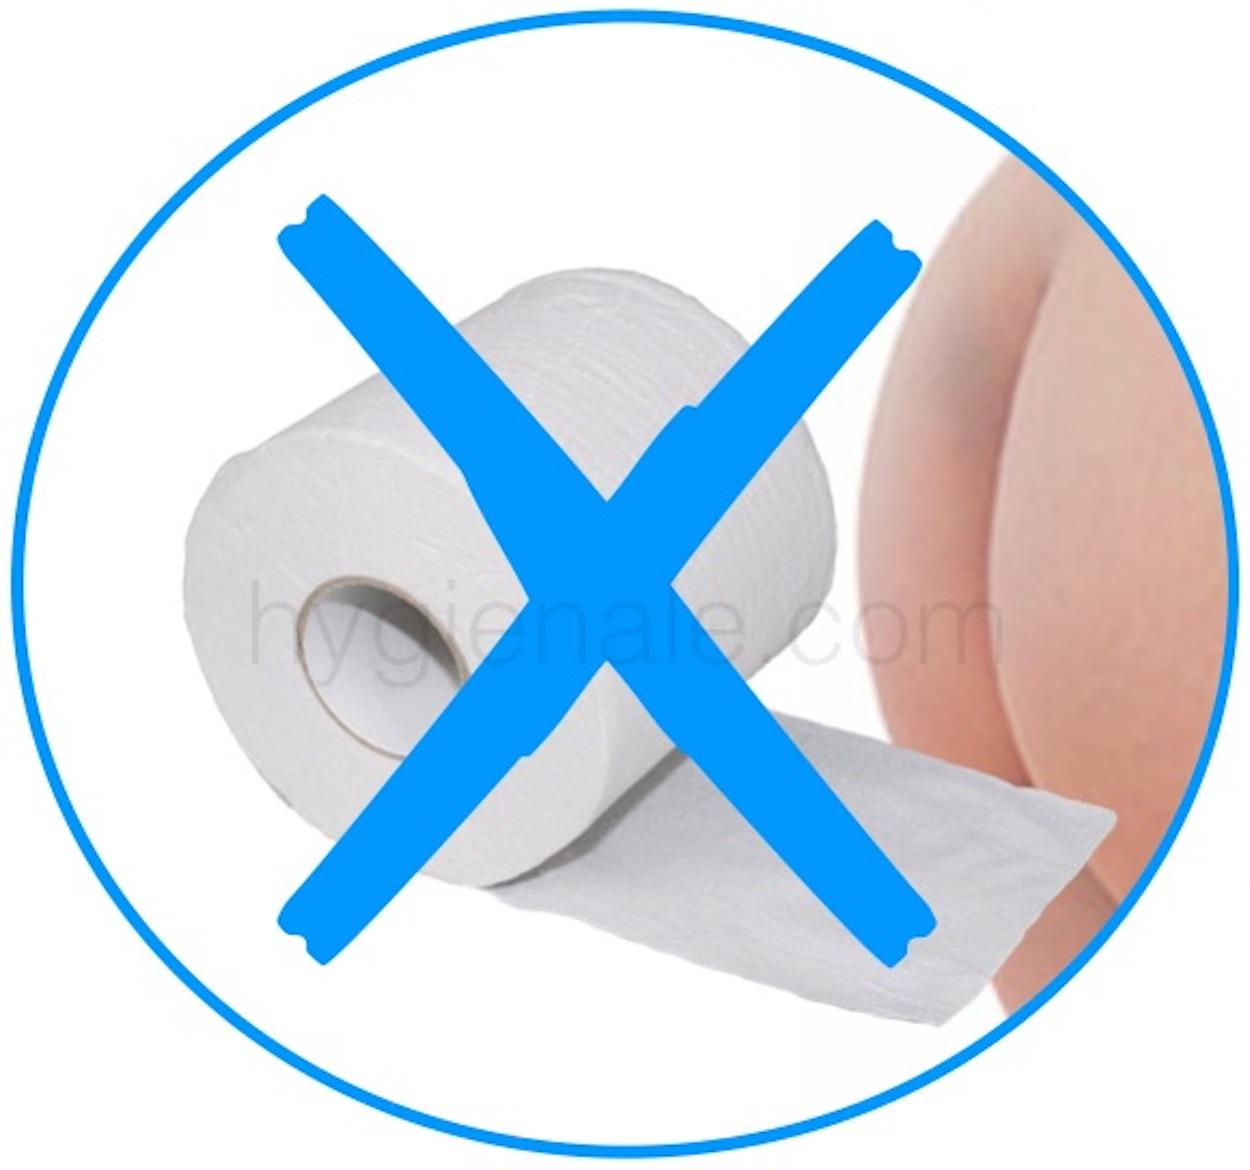 Stopper le papier wc pour s'essuyer les fesses.